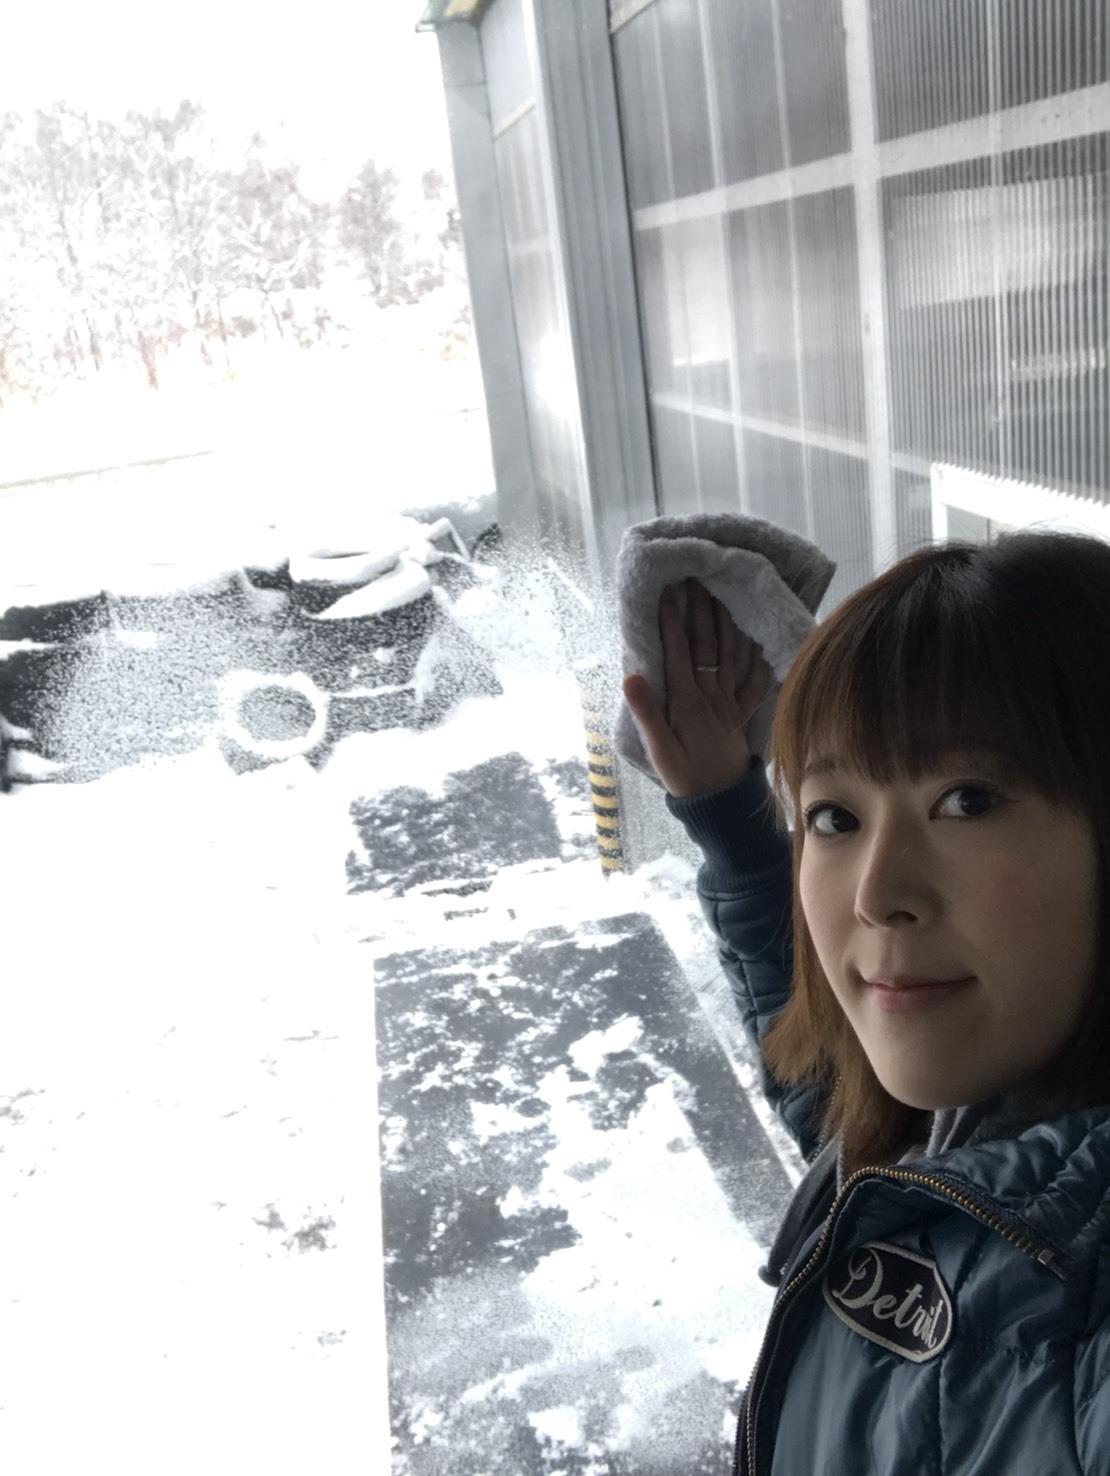 12月27日(水)トミーベース カスタムブログ☆LS600撮影開始!!サンタは大忙し!_b0127002_23162193.jpg